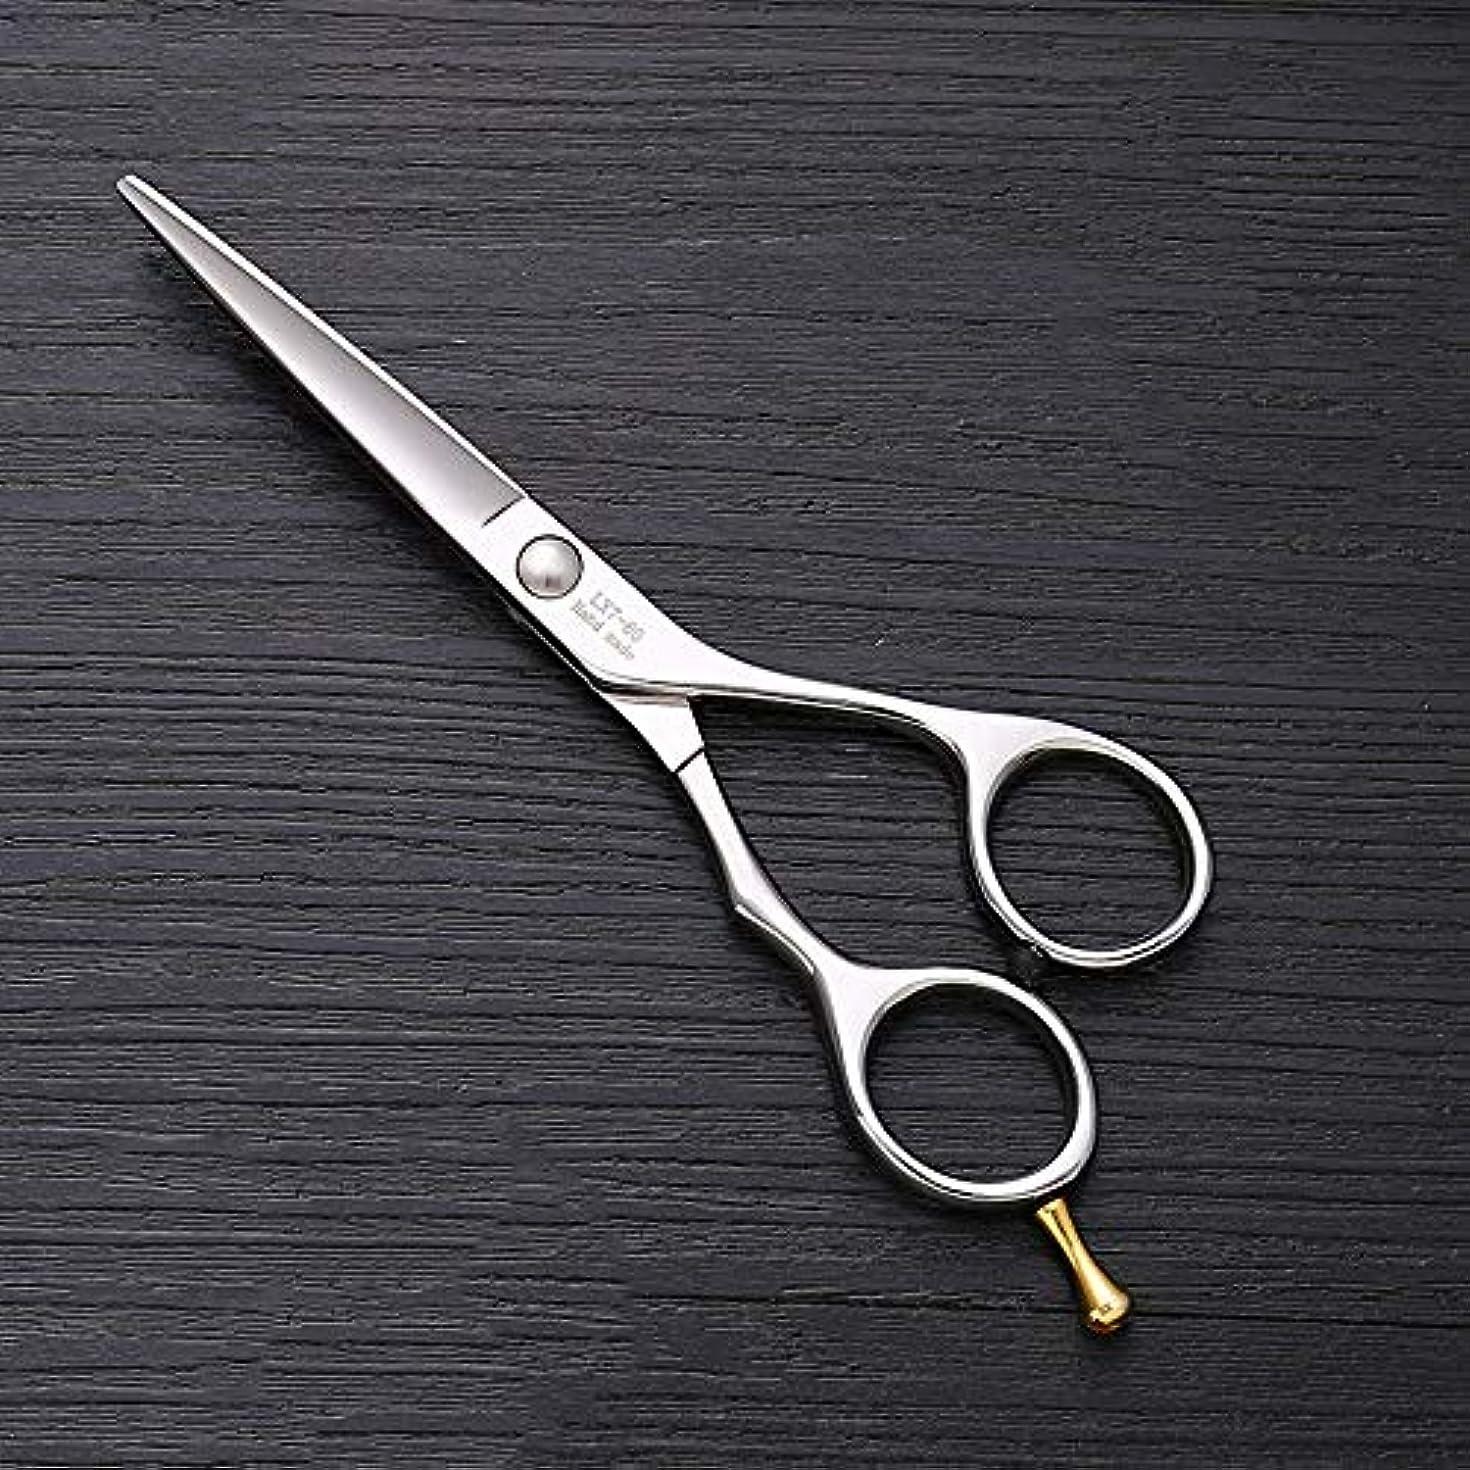 傾斜ミュウミュウ被害者5.75インチの集中的な平らなせん断の理髪ステンレス鋼はさみ ヘアケア (色 : Silver)